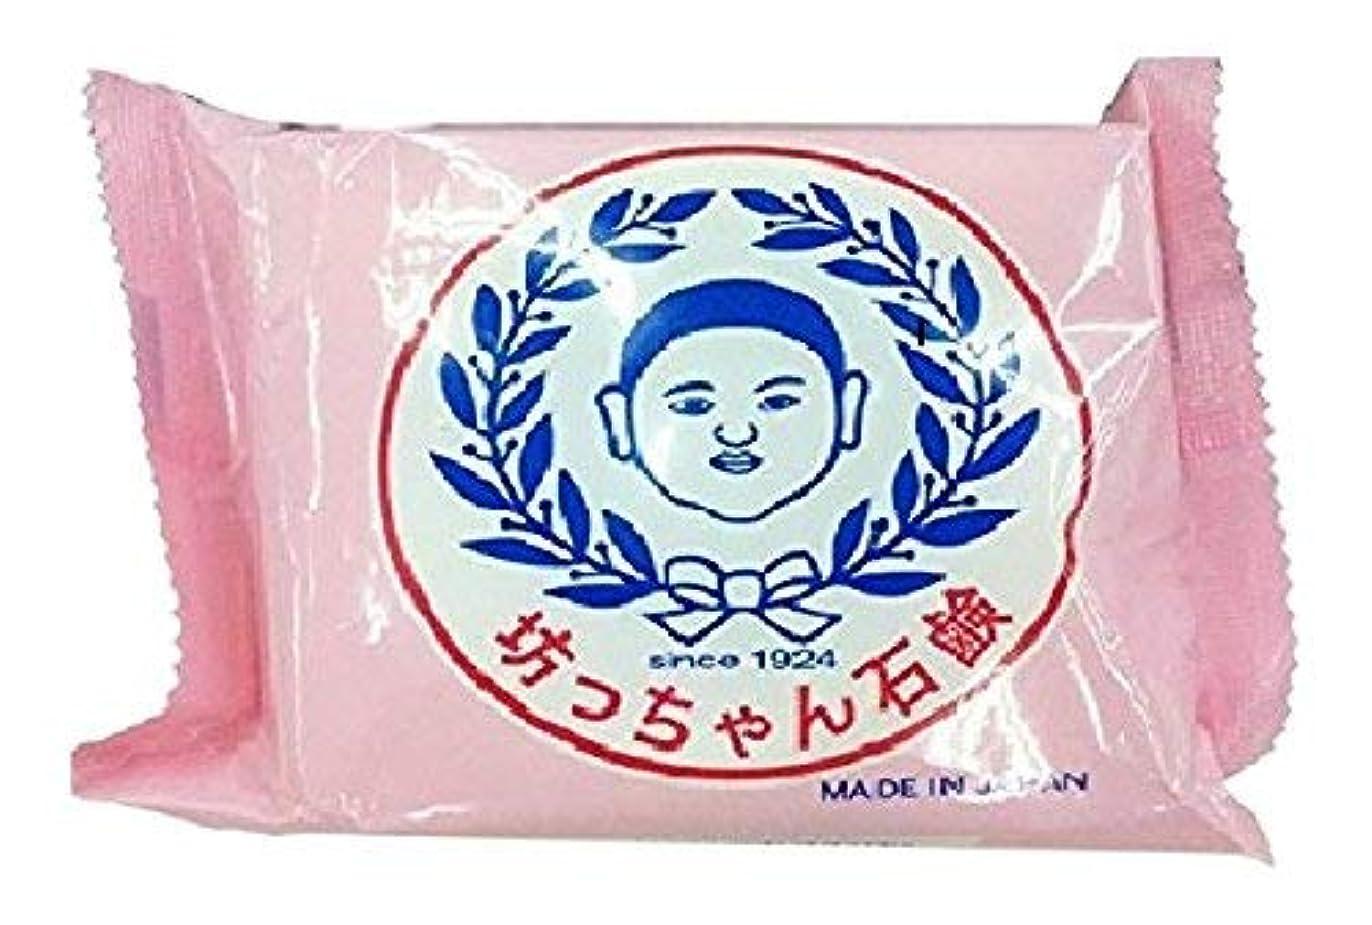 職人ジャズ鼻【まとめ買い】坊っちゃん石鹸 釜出し一番 175g ×2個